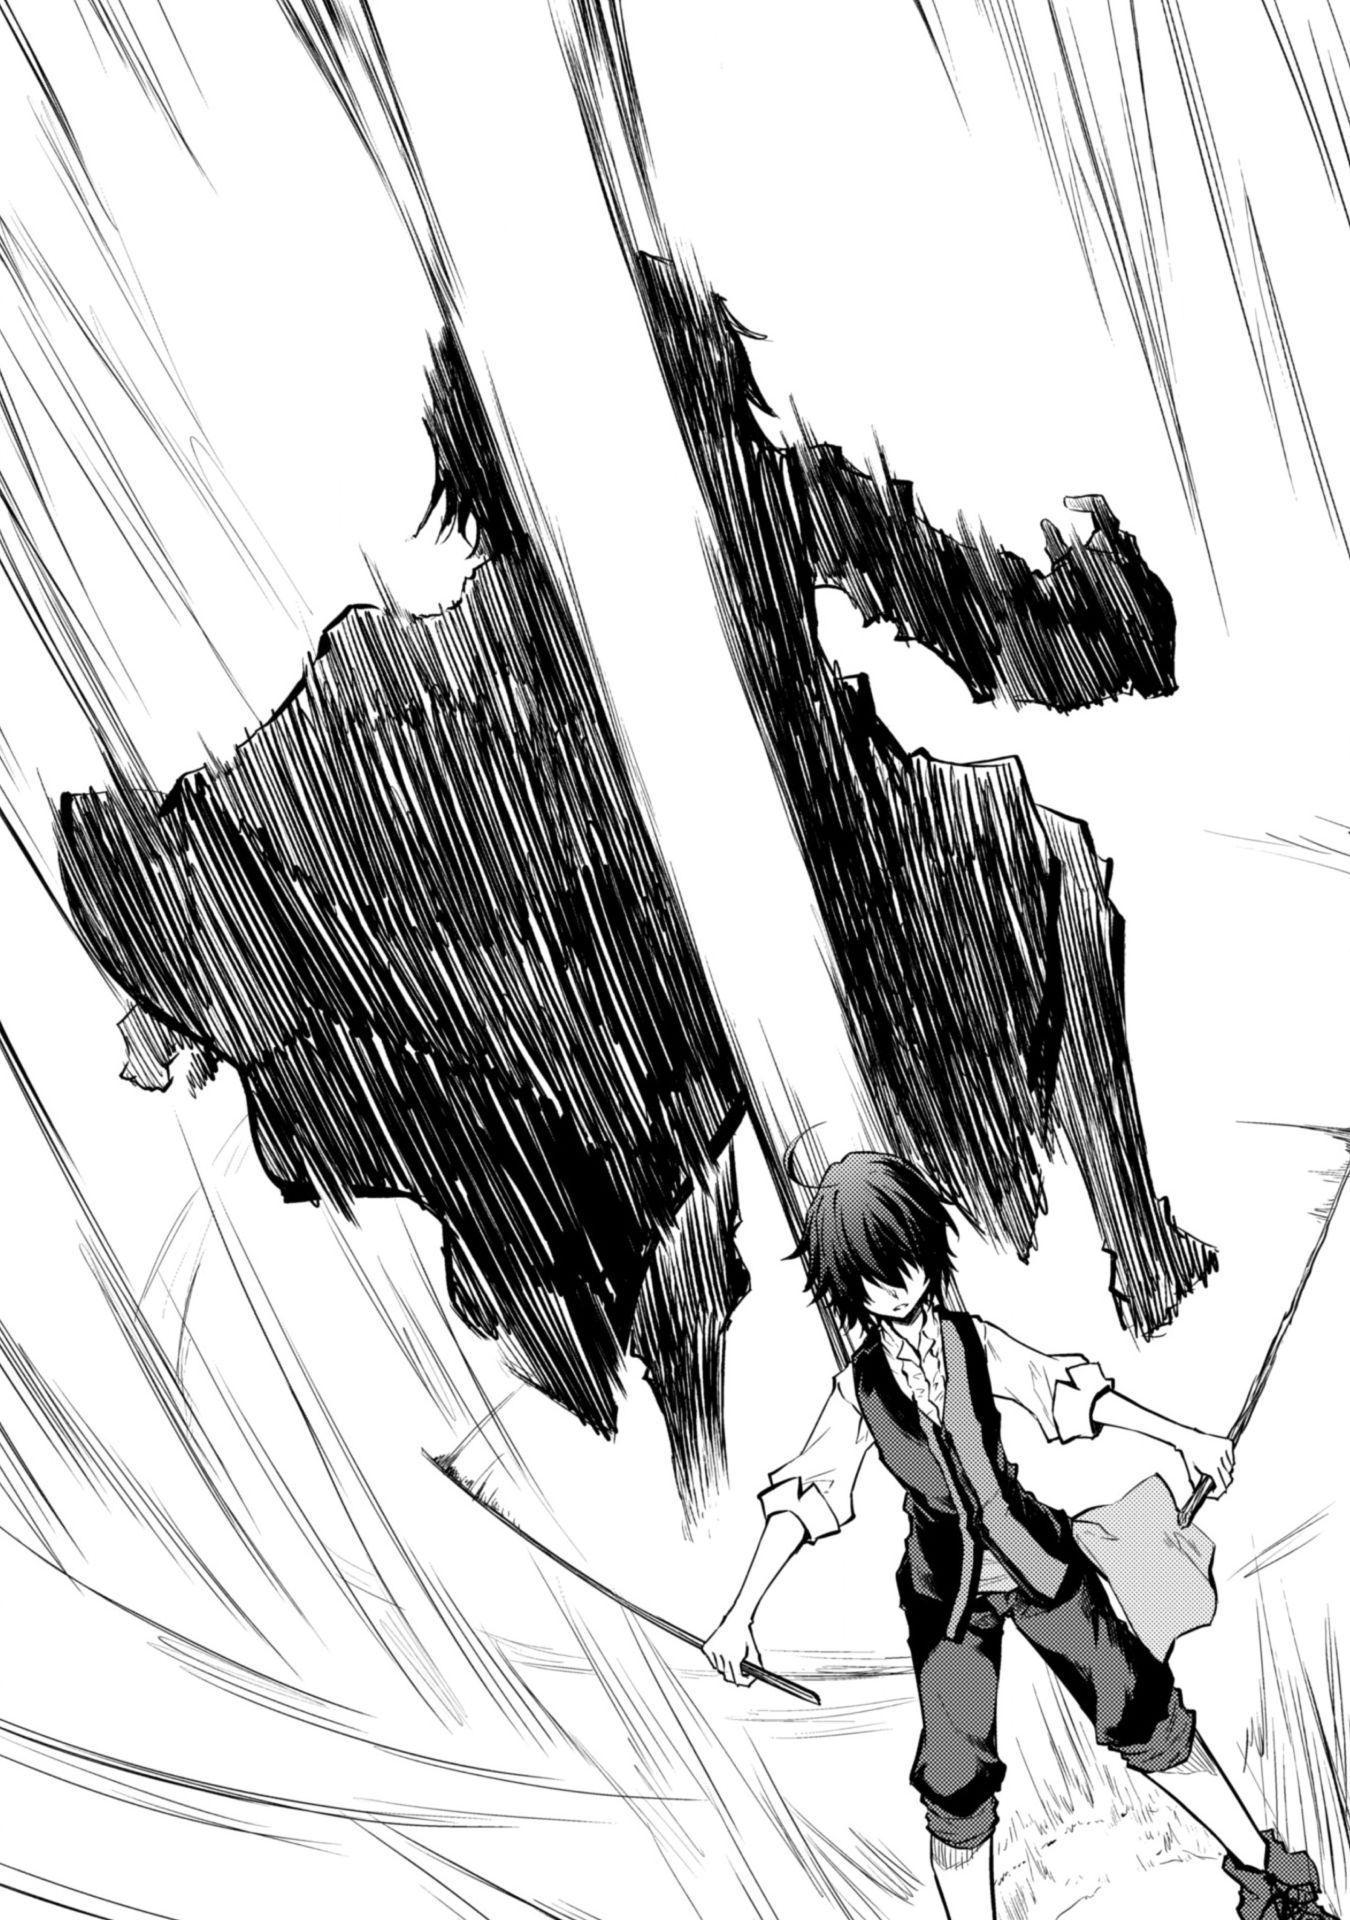 Манга Бывший сильнейший мечник жаждет магии в другом мире / Ex Strongest Swordsman Long For Magic In Different World - Том 2 Глава 13 Страница 20